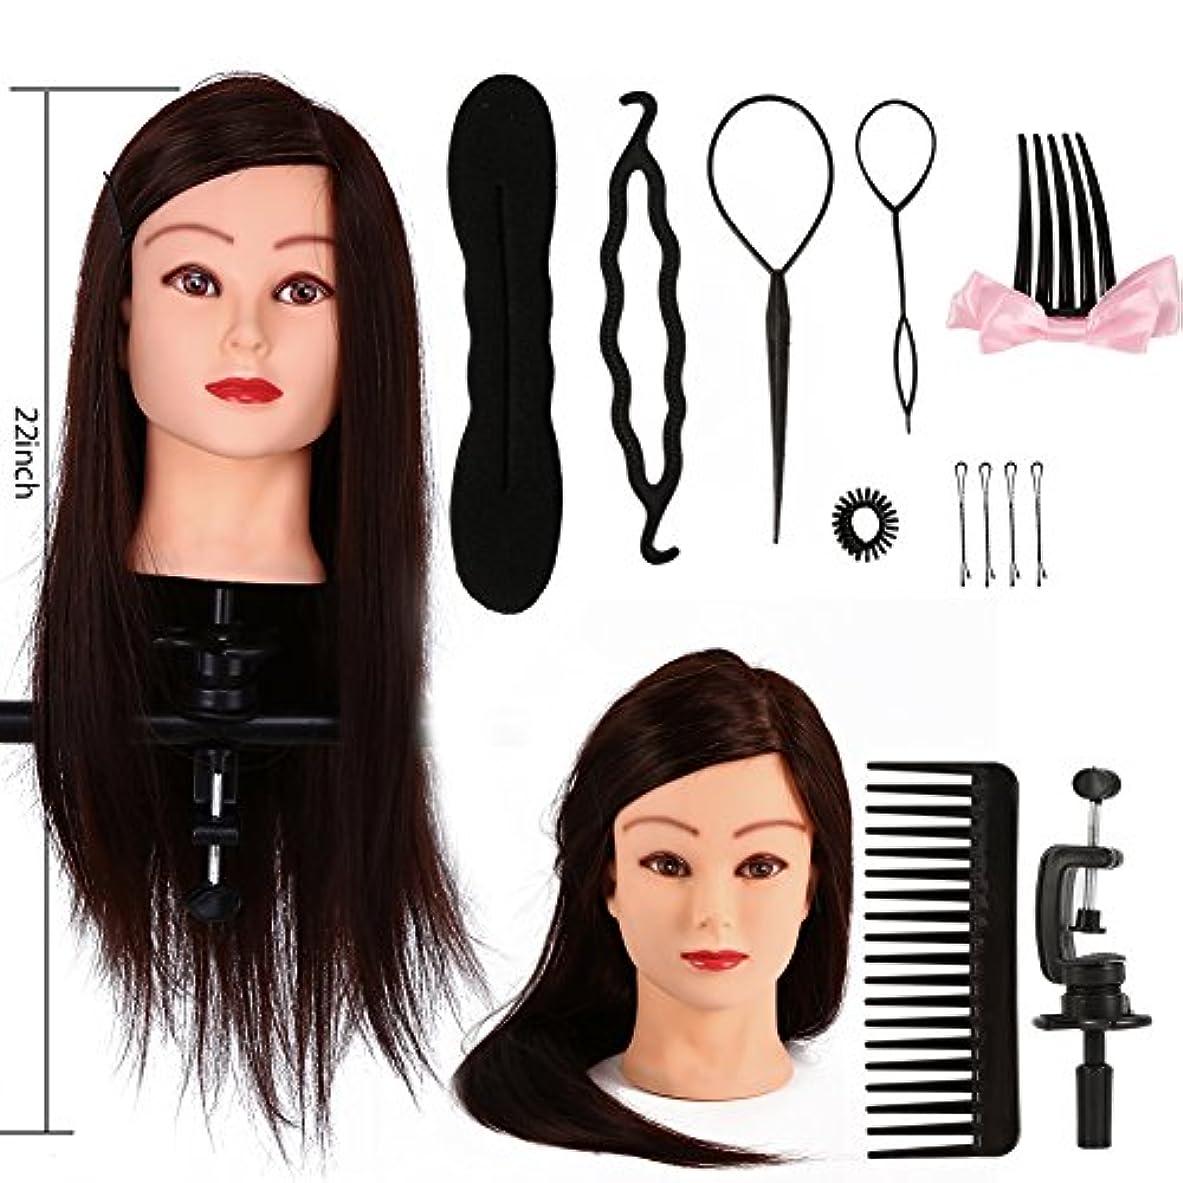 壁バルブ夢中マネキンヘッド、美容院トレーニング実践ヘッドマネキンロング理髪+ブレードセットツール(1#)